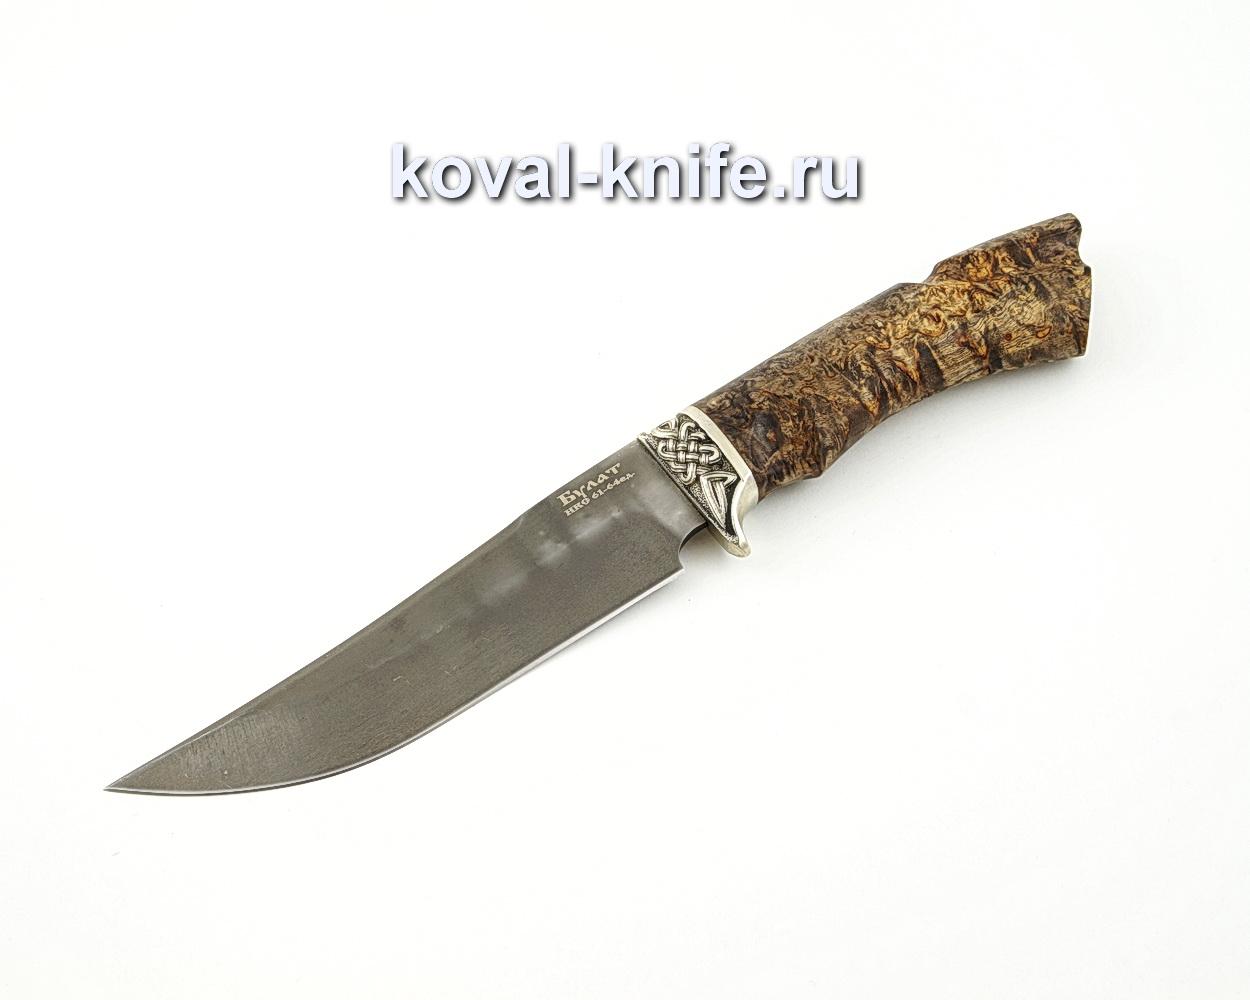 Нож Клыч из булатной стали с рукоятью из стабилизированной карельской березы, гарда мельхиор A578